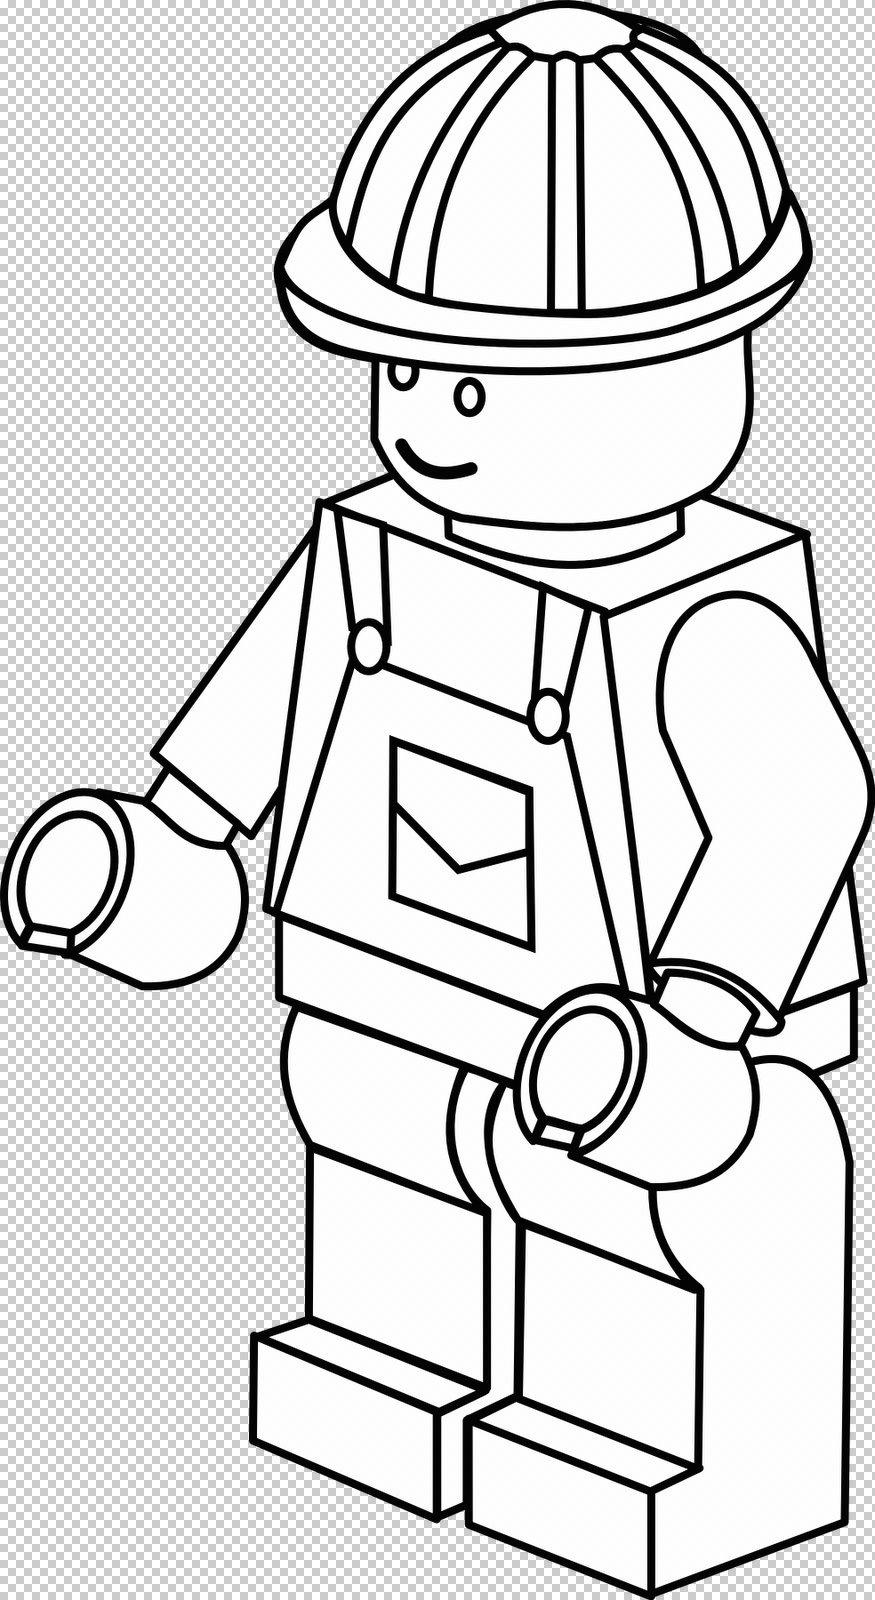 Coloriage imprimer personnages c l bres lego num ro - Coloriage personnage lego ...